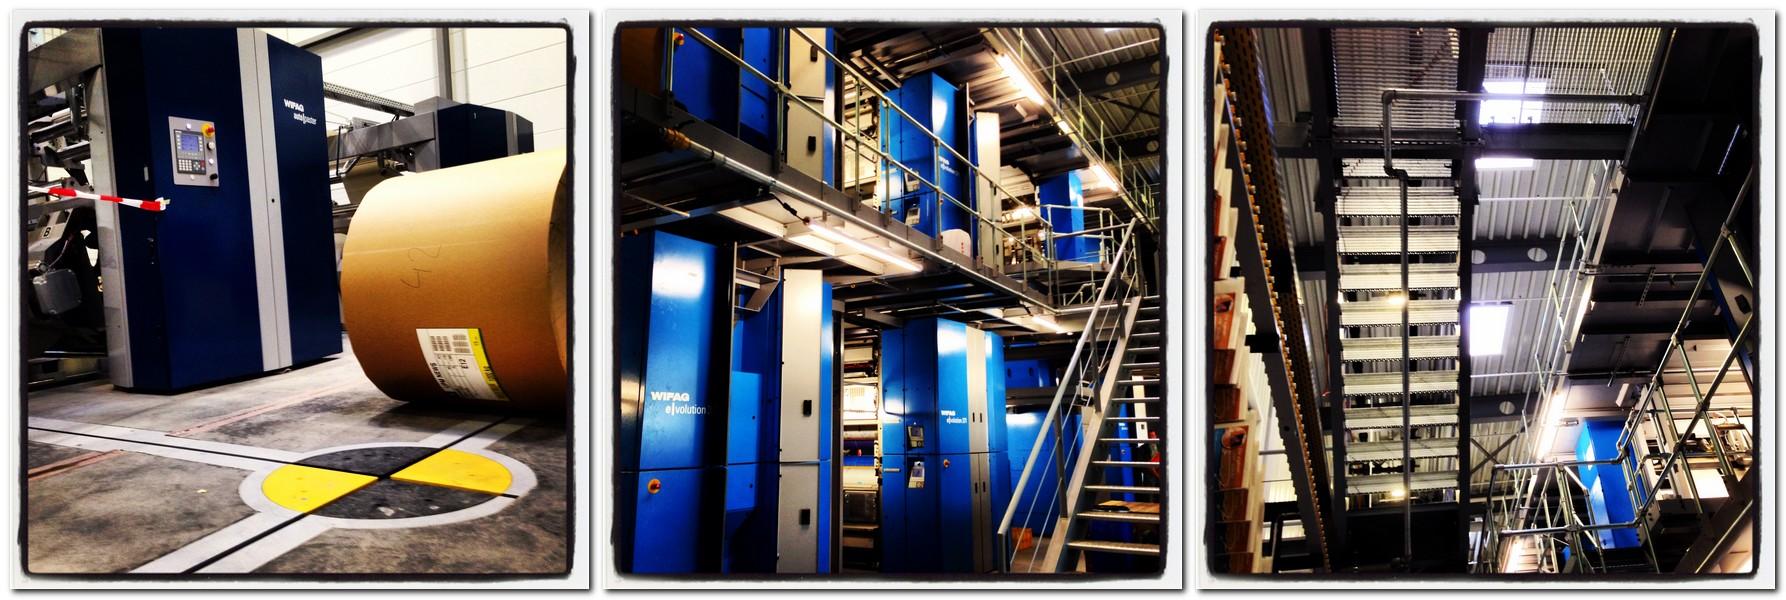 Eine technische Panne an der Rotation hat Dienstagnacht die Herstellung von insgesamt 12.000 MT-Exemplaren verhindert. Fotos: chp